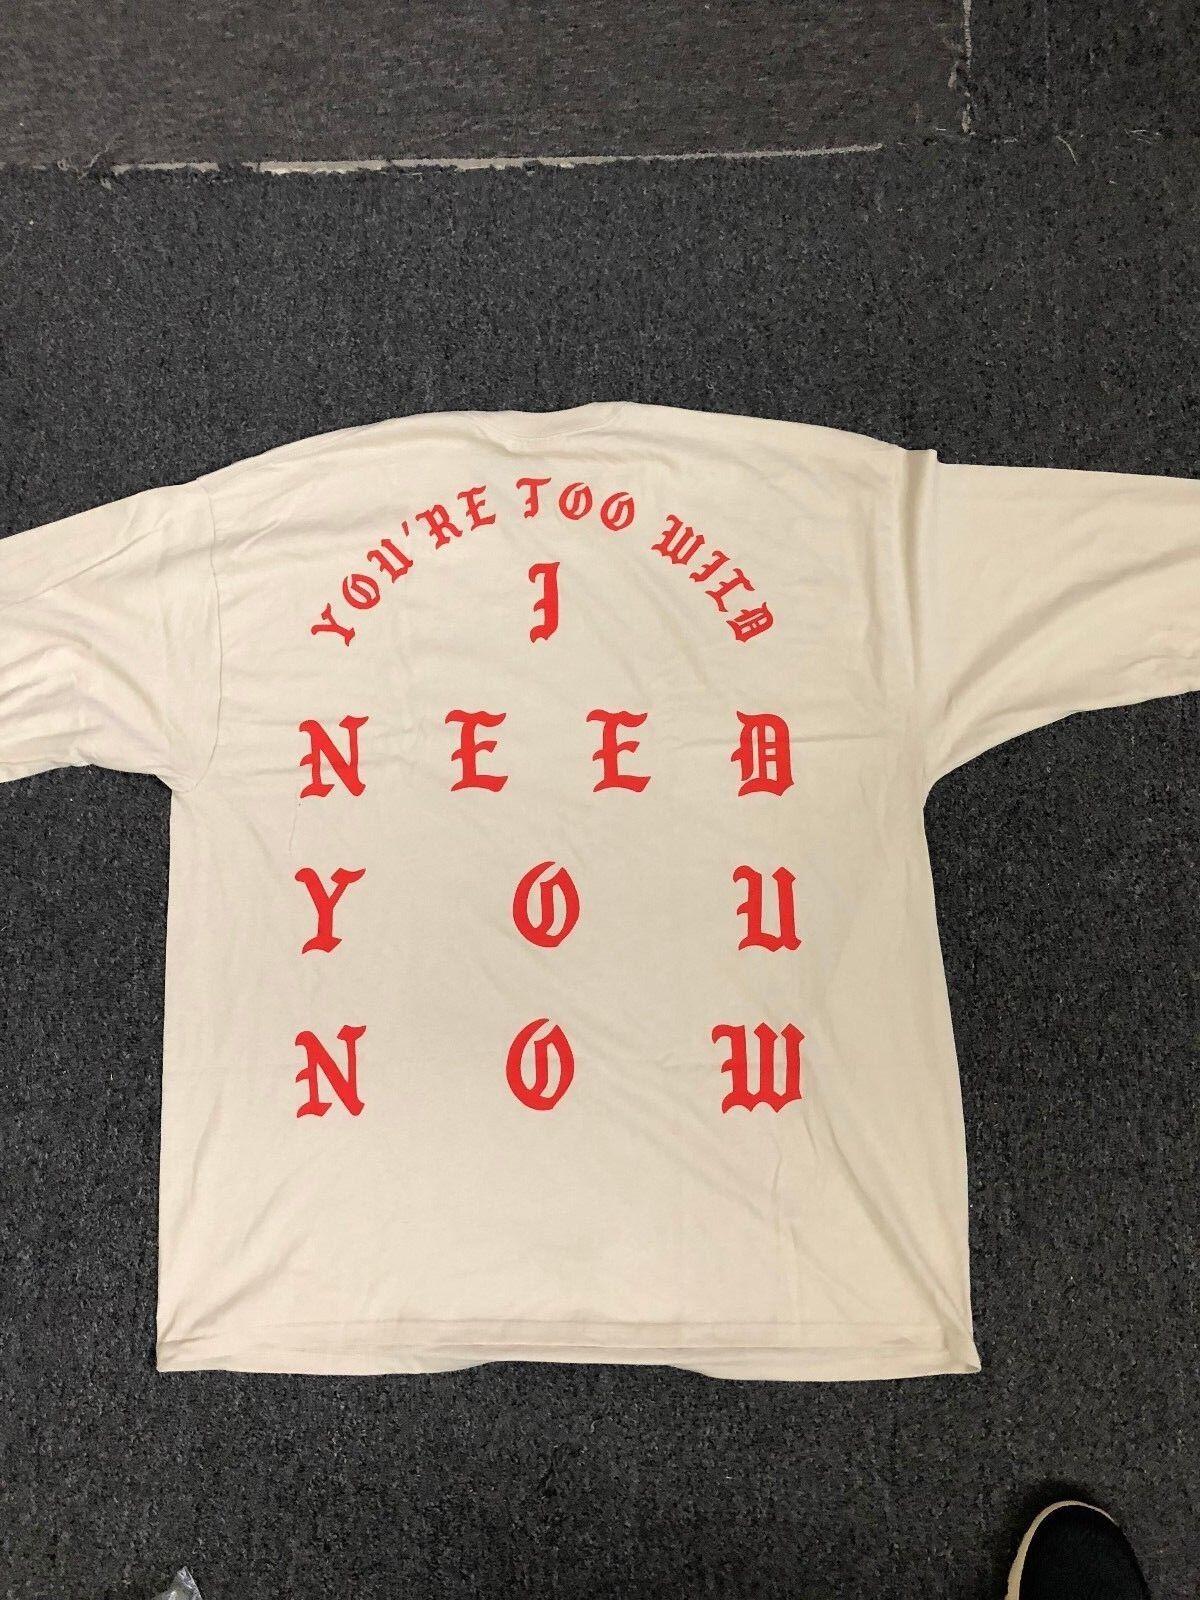 KANYE WEST NEW YORK NEED YOU T-SHIRT Weiß Sz M-XXL 2016 PABLO